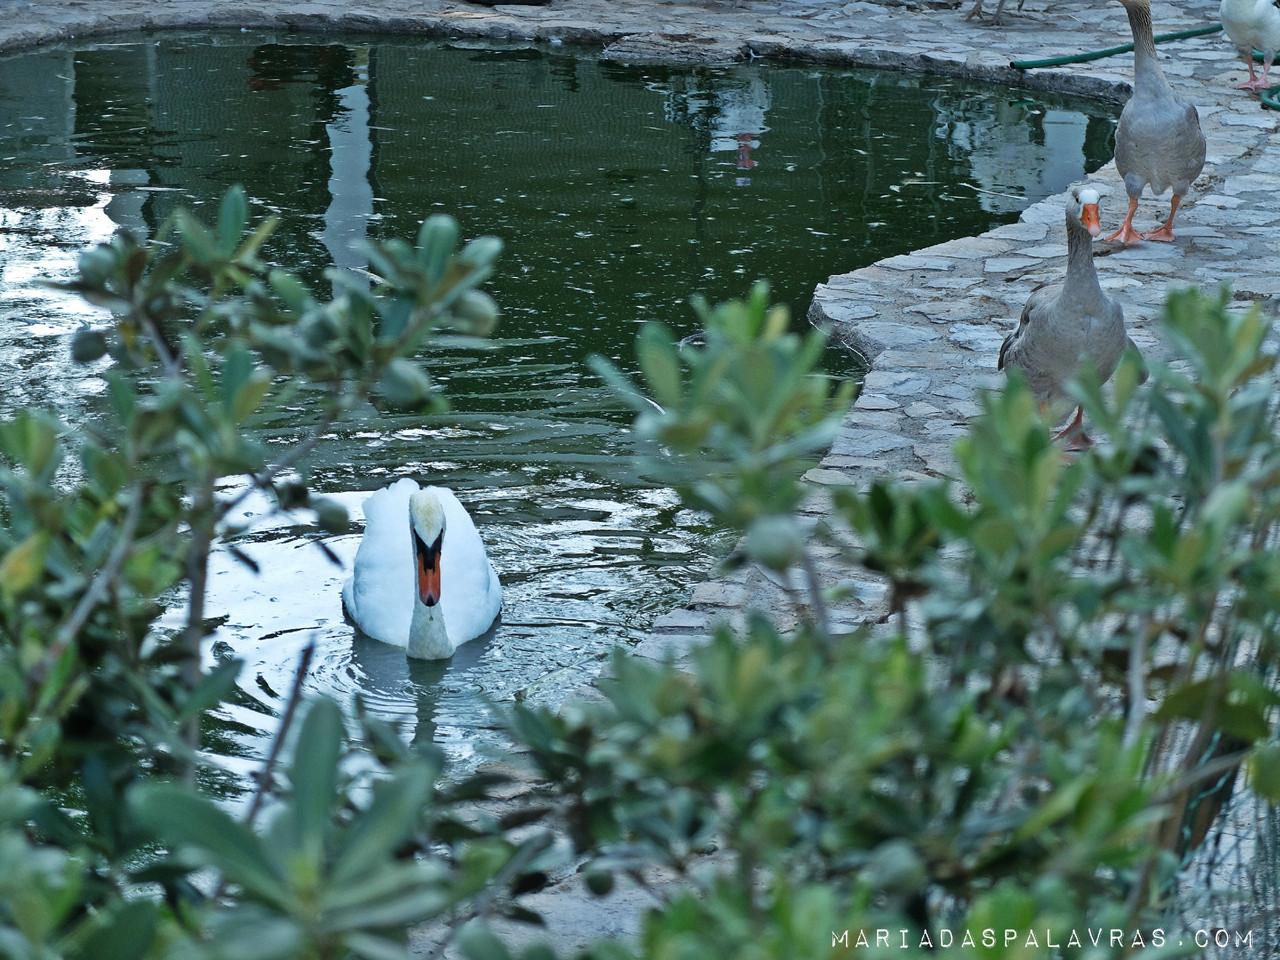 Patinhos feios e cisnes - fotografia Maria das Palavras